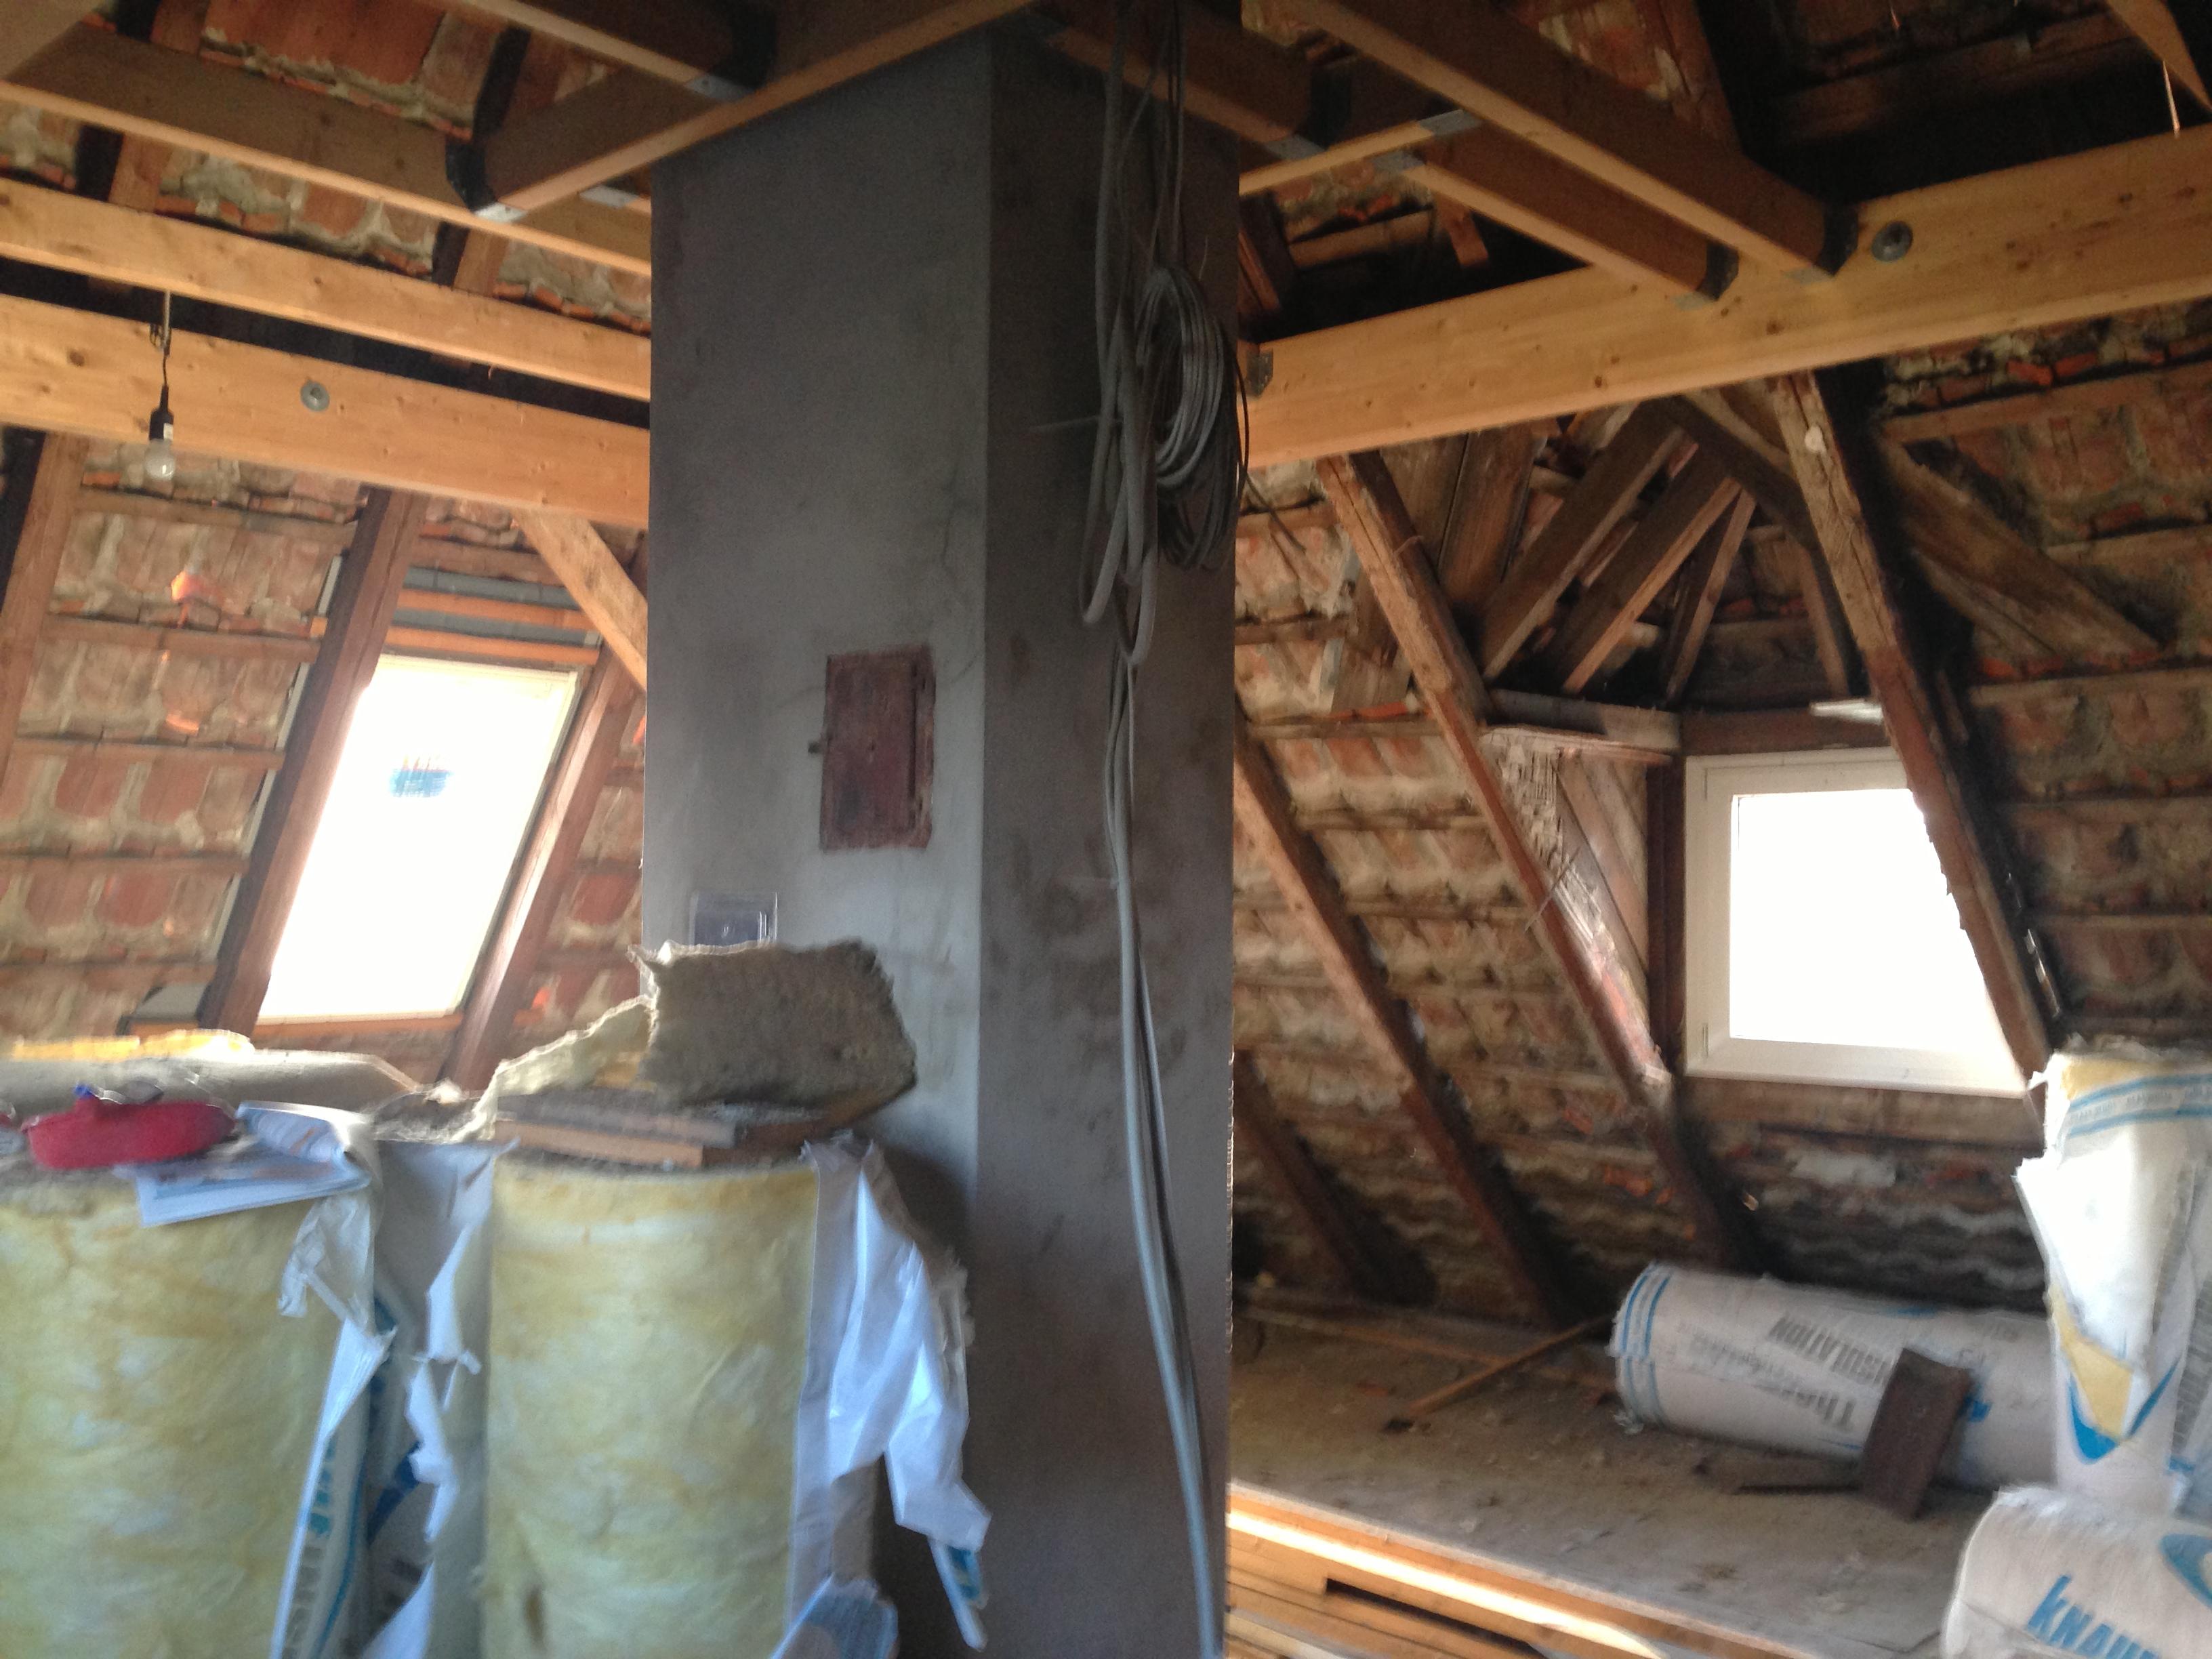 projekt dachbodenausbau nachtr gliche unterpannbahn dann wollen wir mal. Black Bedroom Furniture Sets. Home Design Ideas